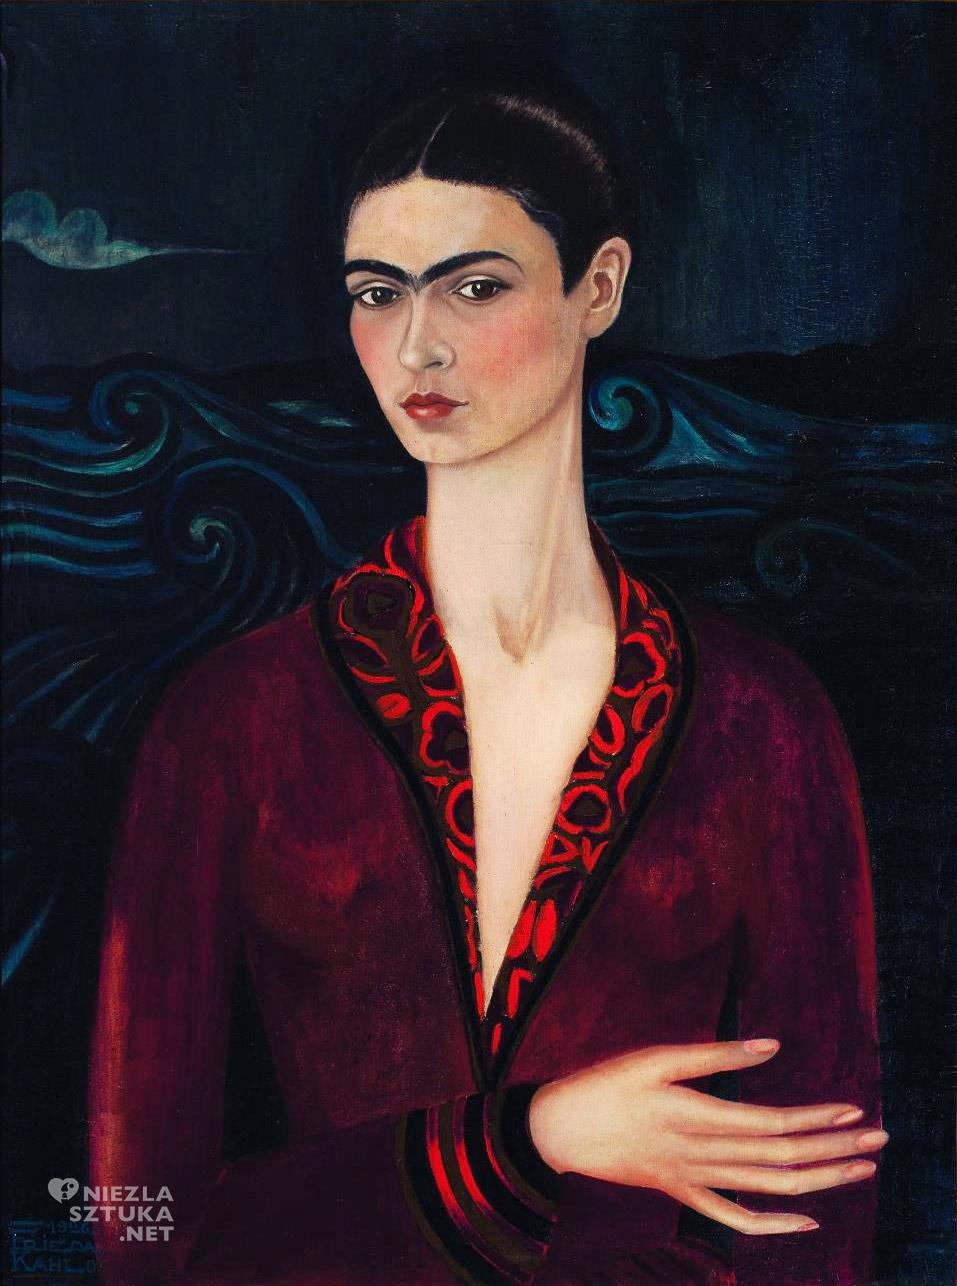 Frida Kahlo, Autoportret, Niezła sztuka